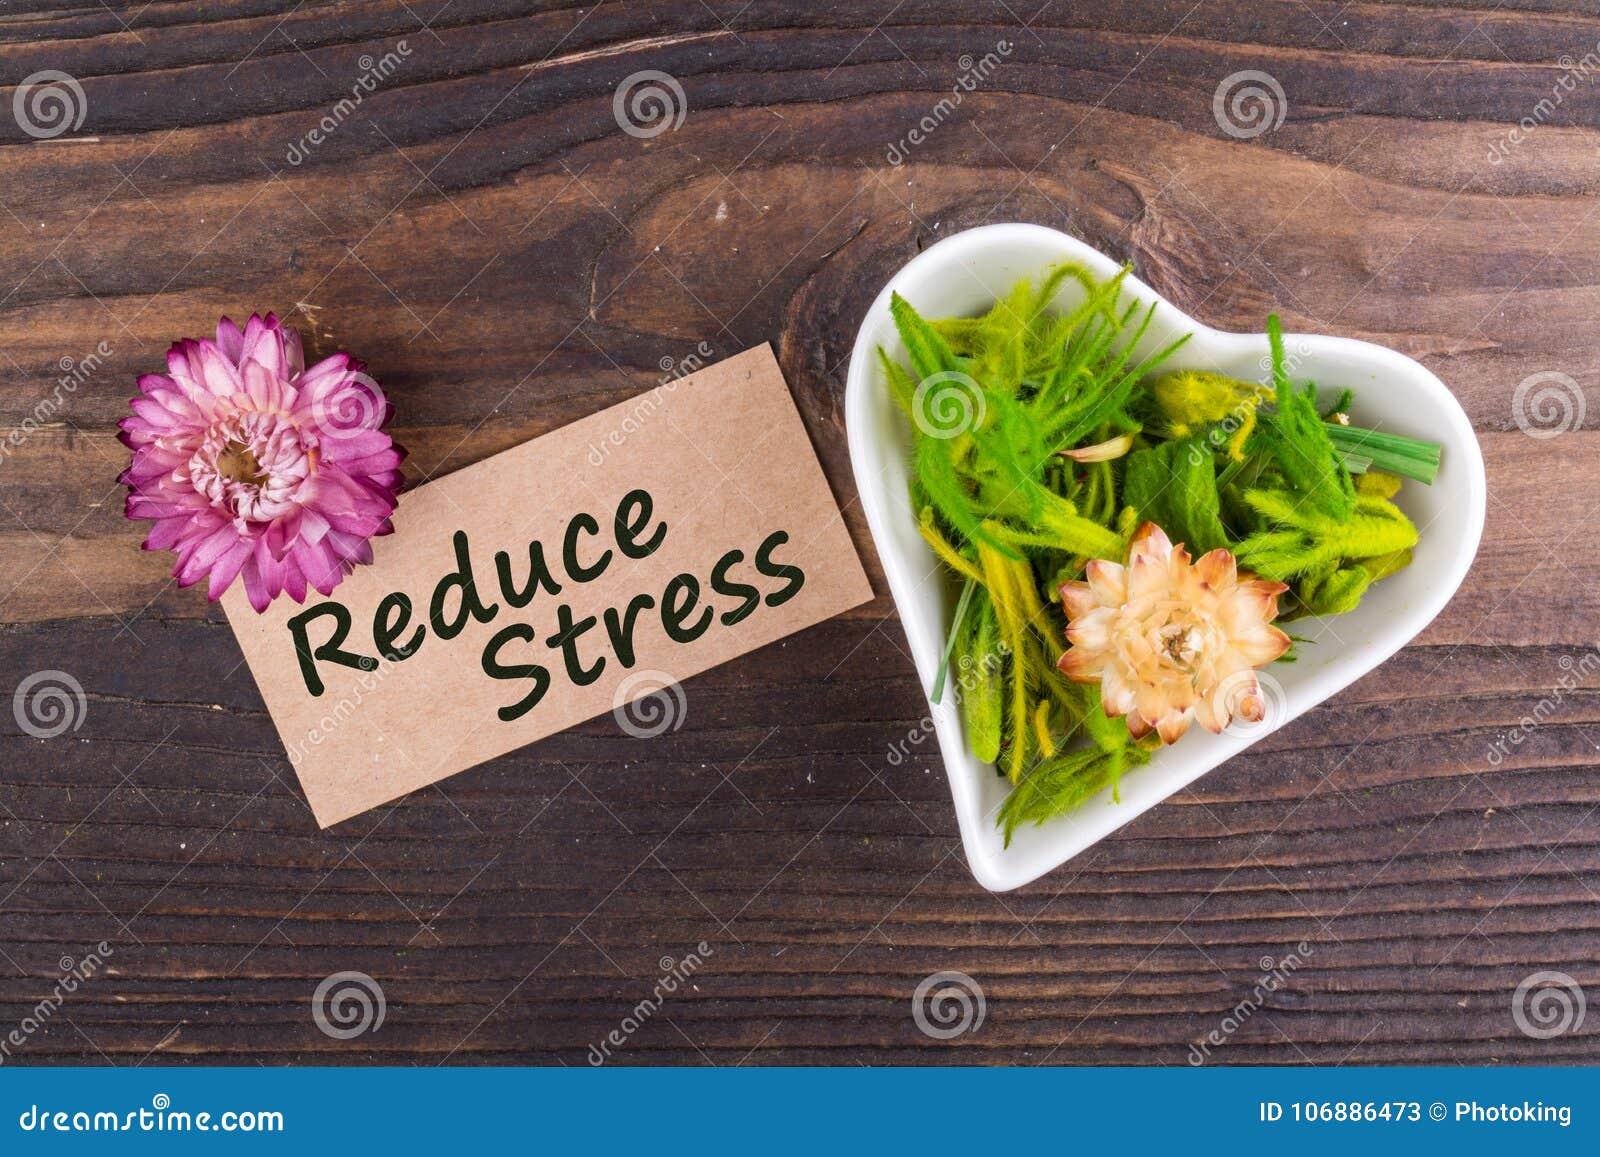 Zmniejsza stres